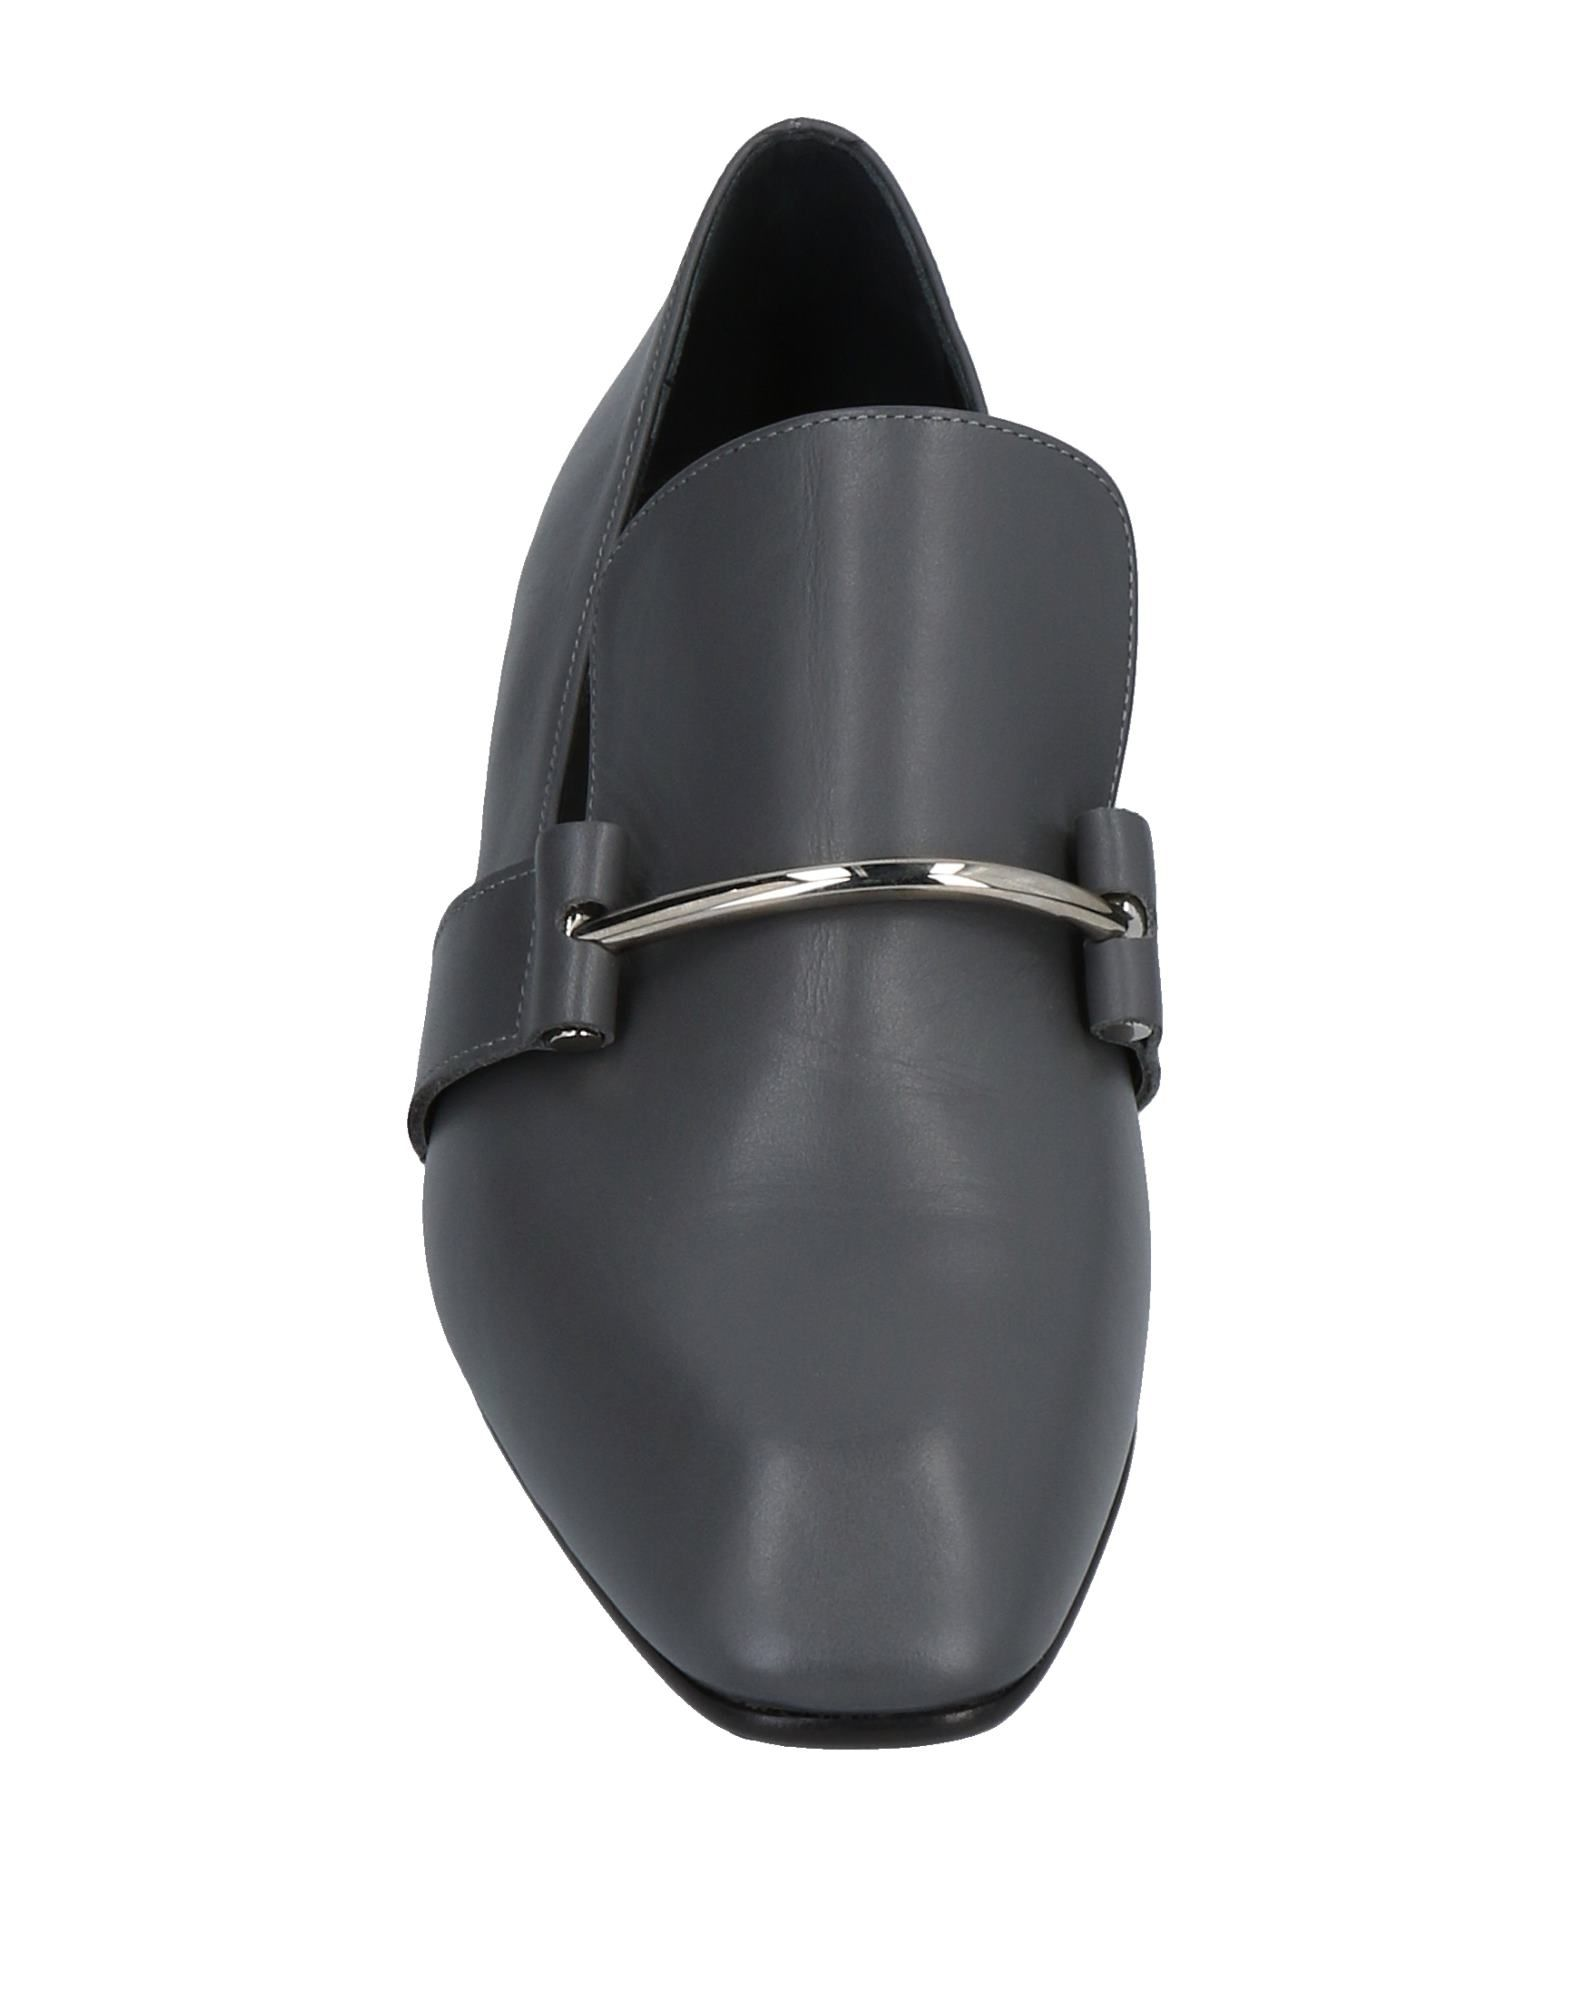 Stilvolle billige Schuhe Damen Angela Chiara Venezia Mokassins Damen Schuhe  11487832WB 70dce8